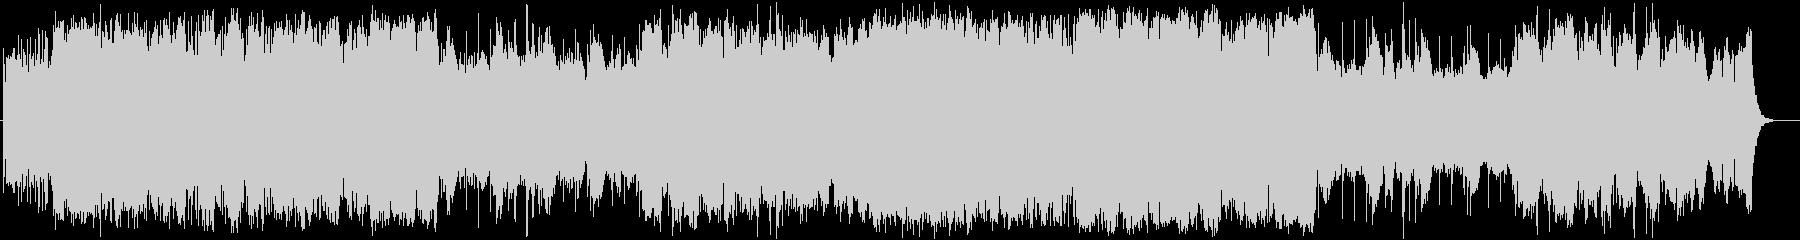 緊張感のあるシネマティックなBGMの未再生の波形